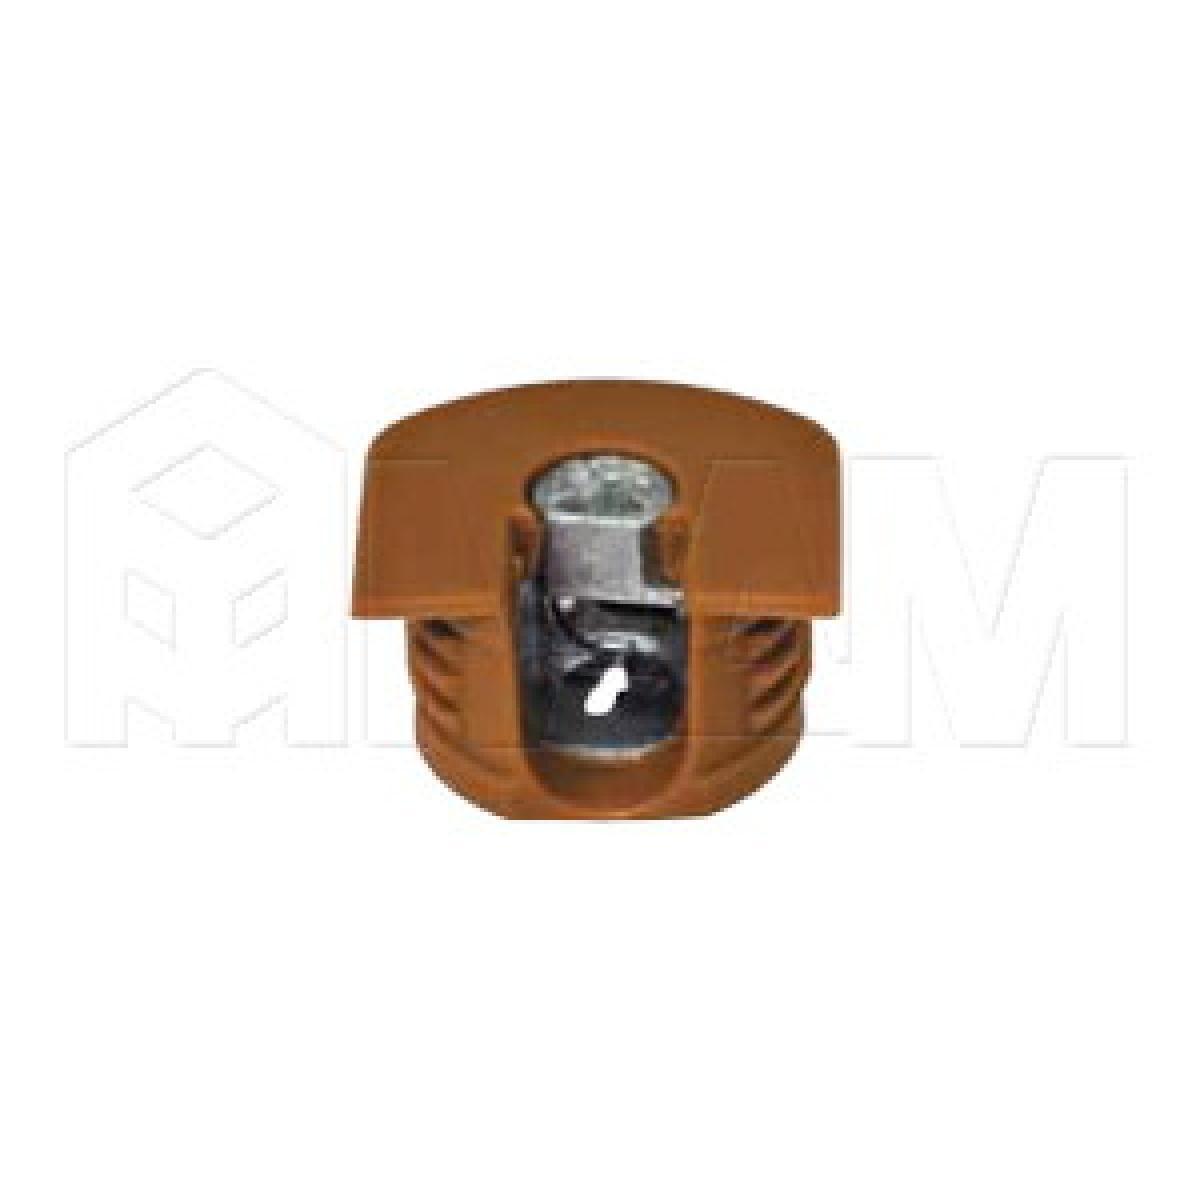 Эксцентрик усиленный в пластиковом корпусе 16 мм, вишня